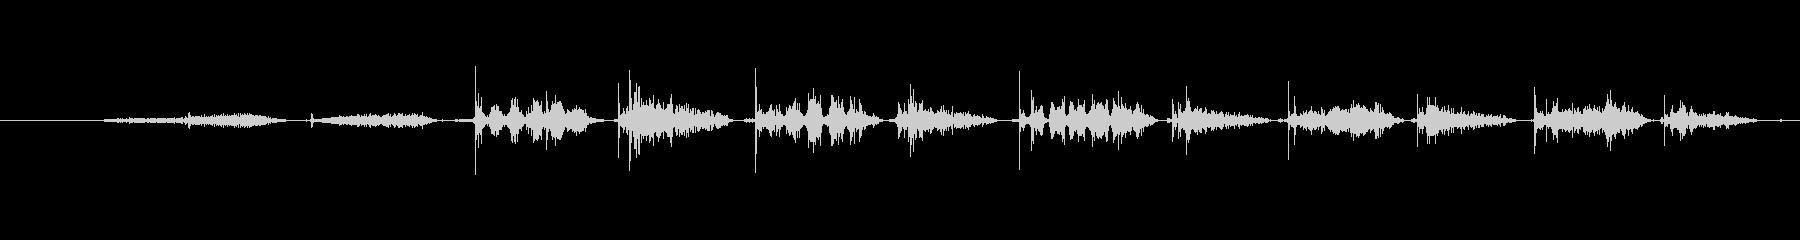 犬 パグパンツ03の未再生の波形